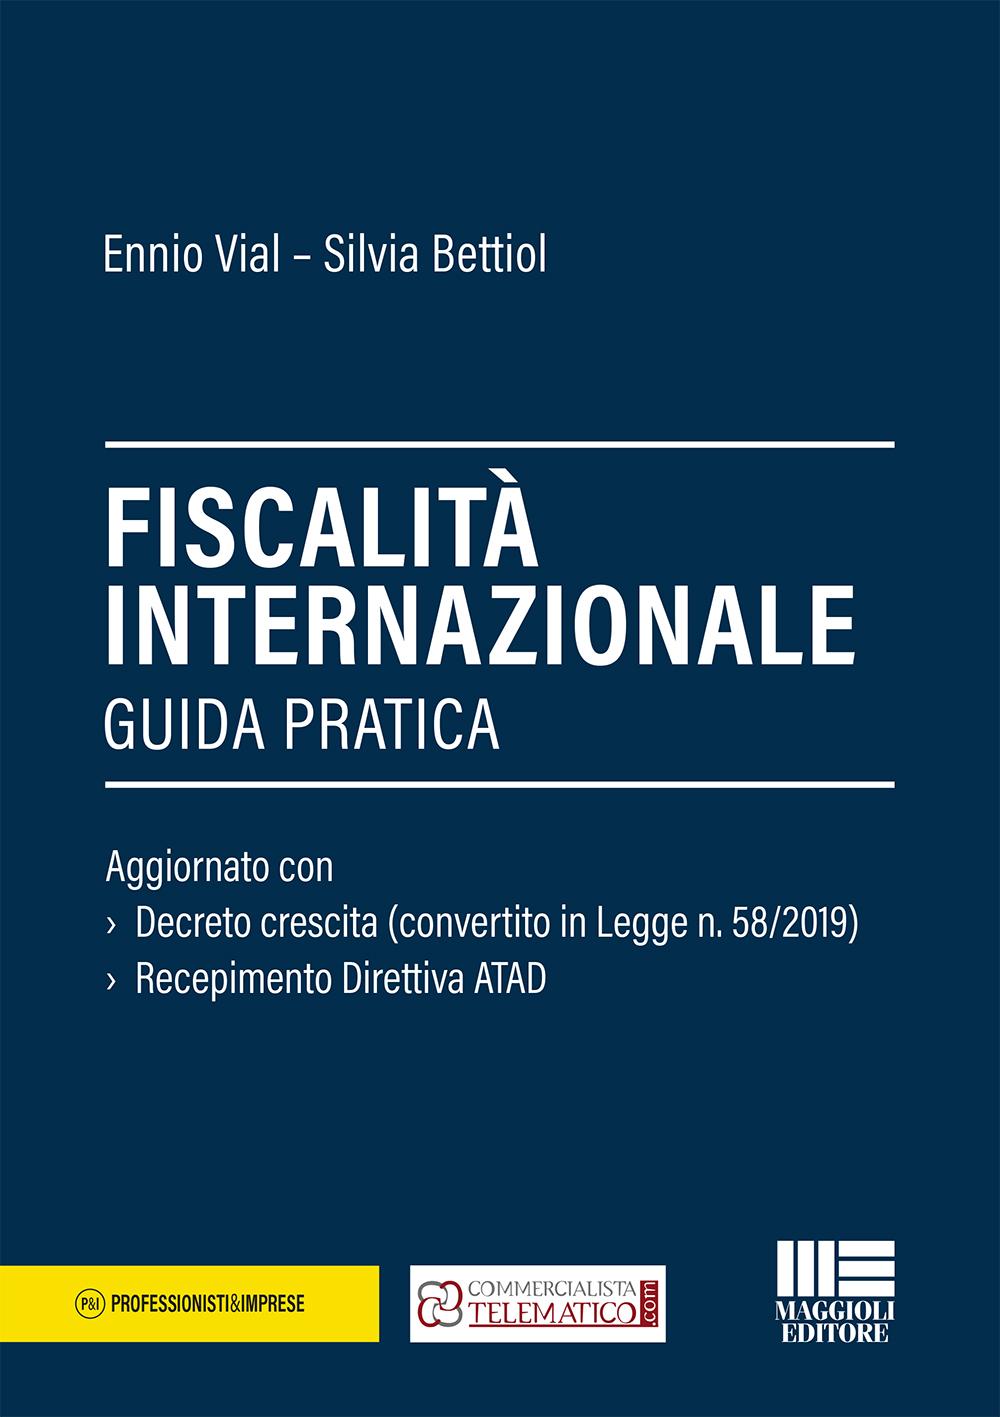 Fiscalità internazionale - Libro di carta